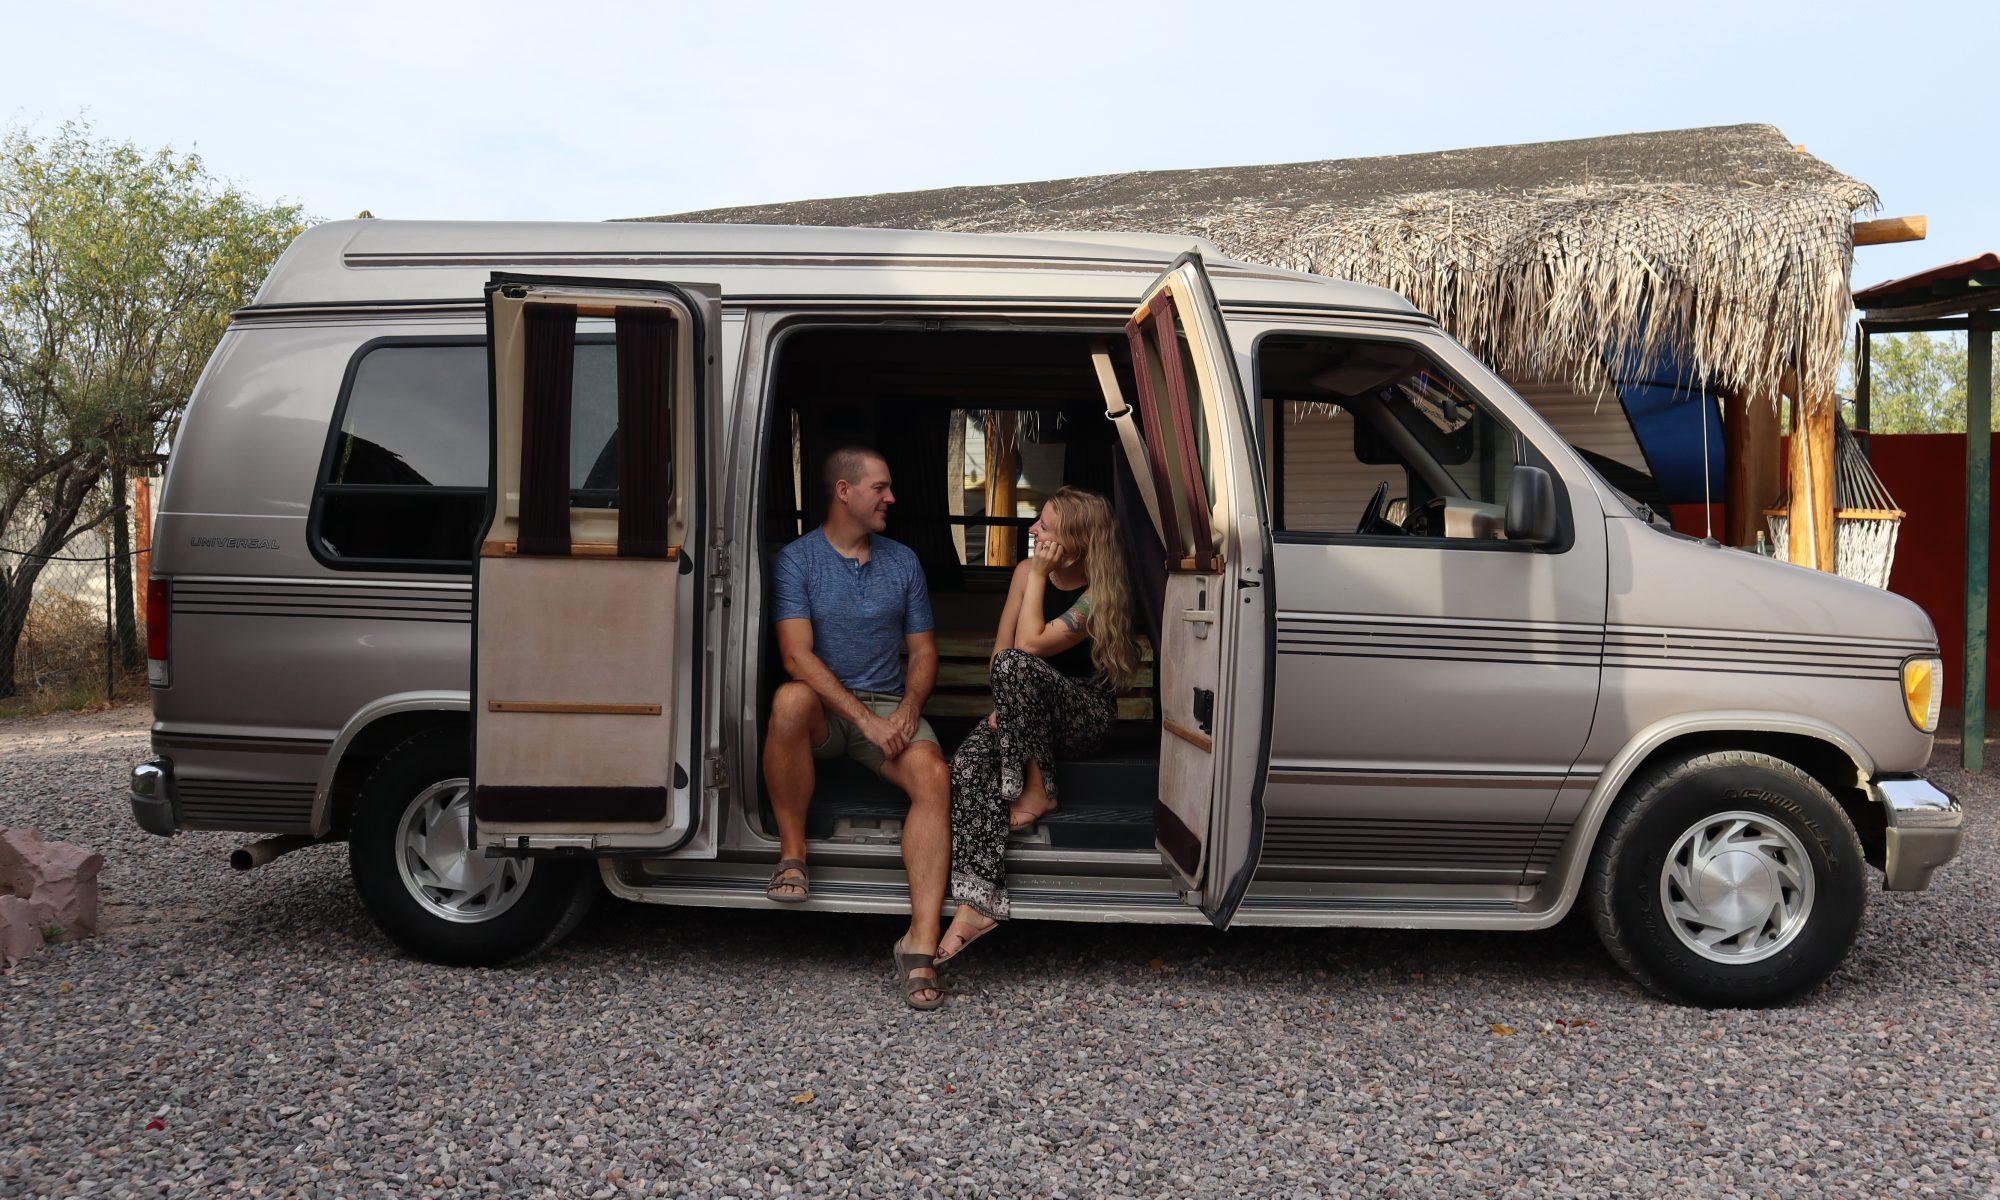 Couple sits in side door of camper van